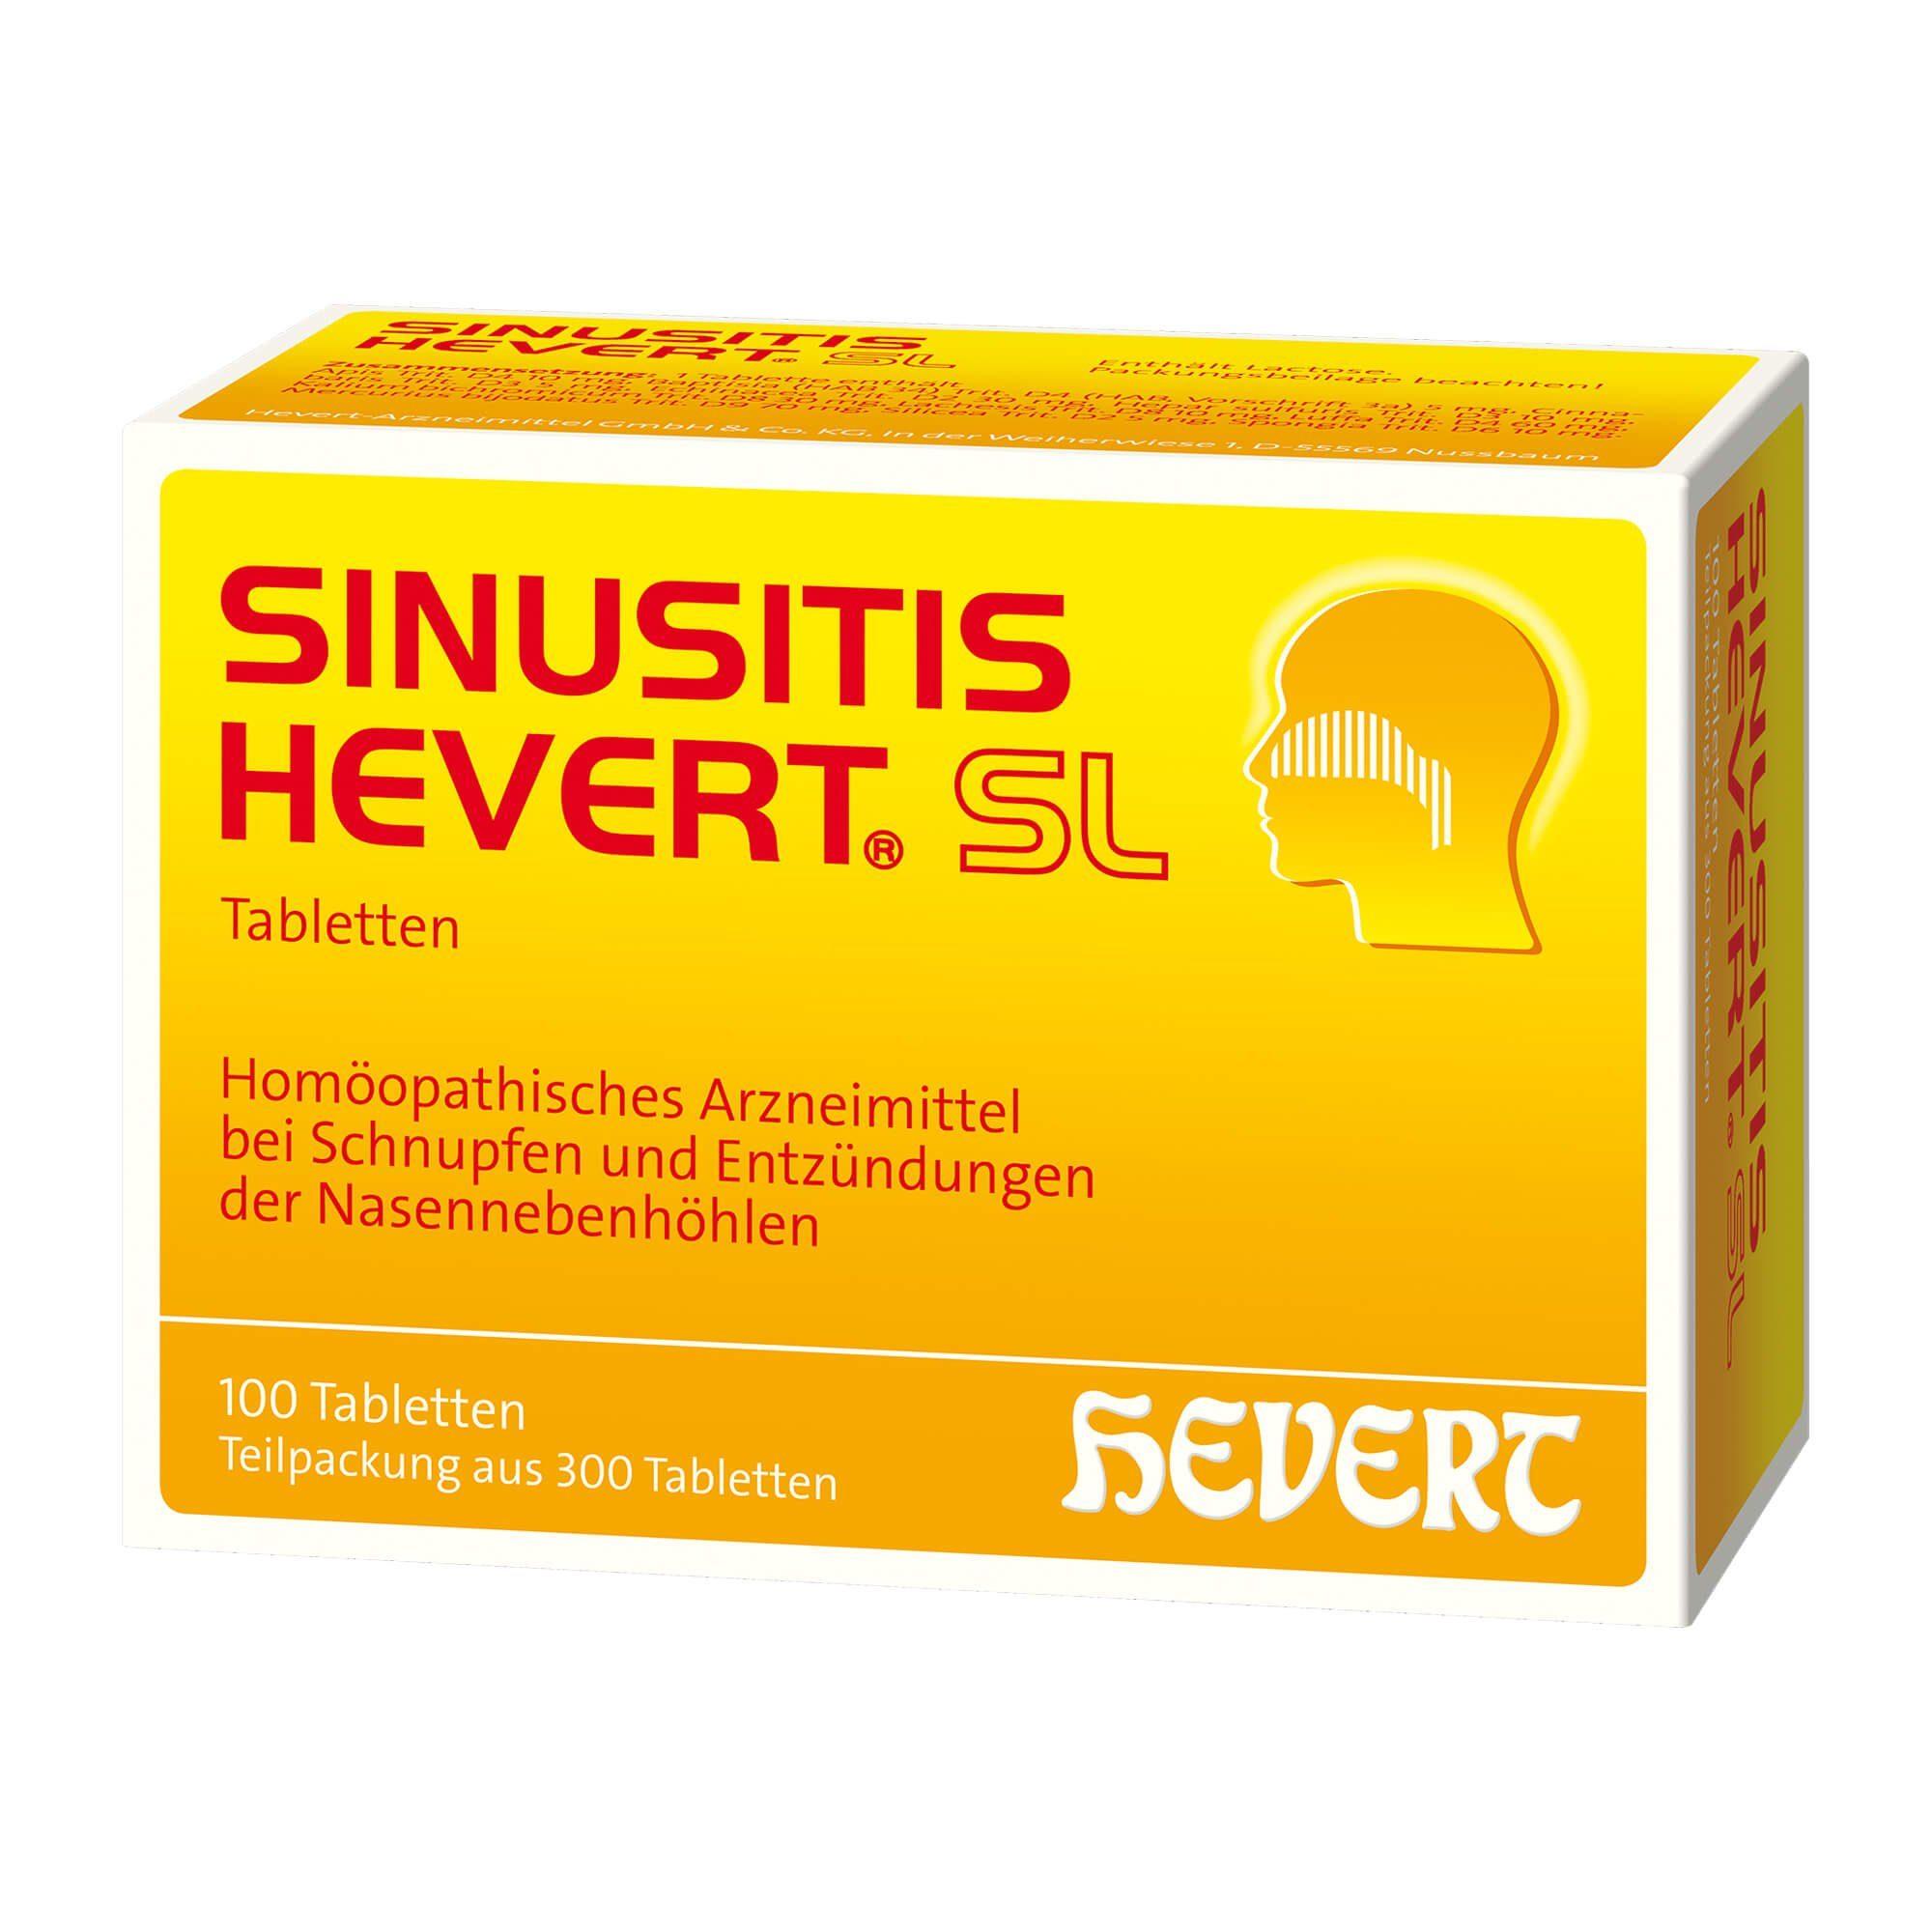 SINUSITIS HEVERT SL, 300 St